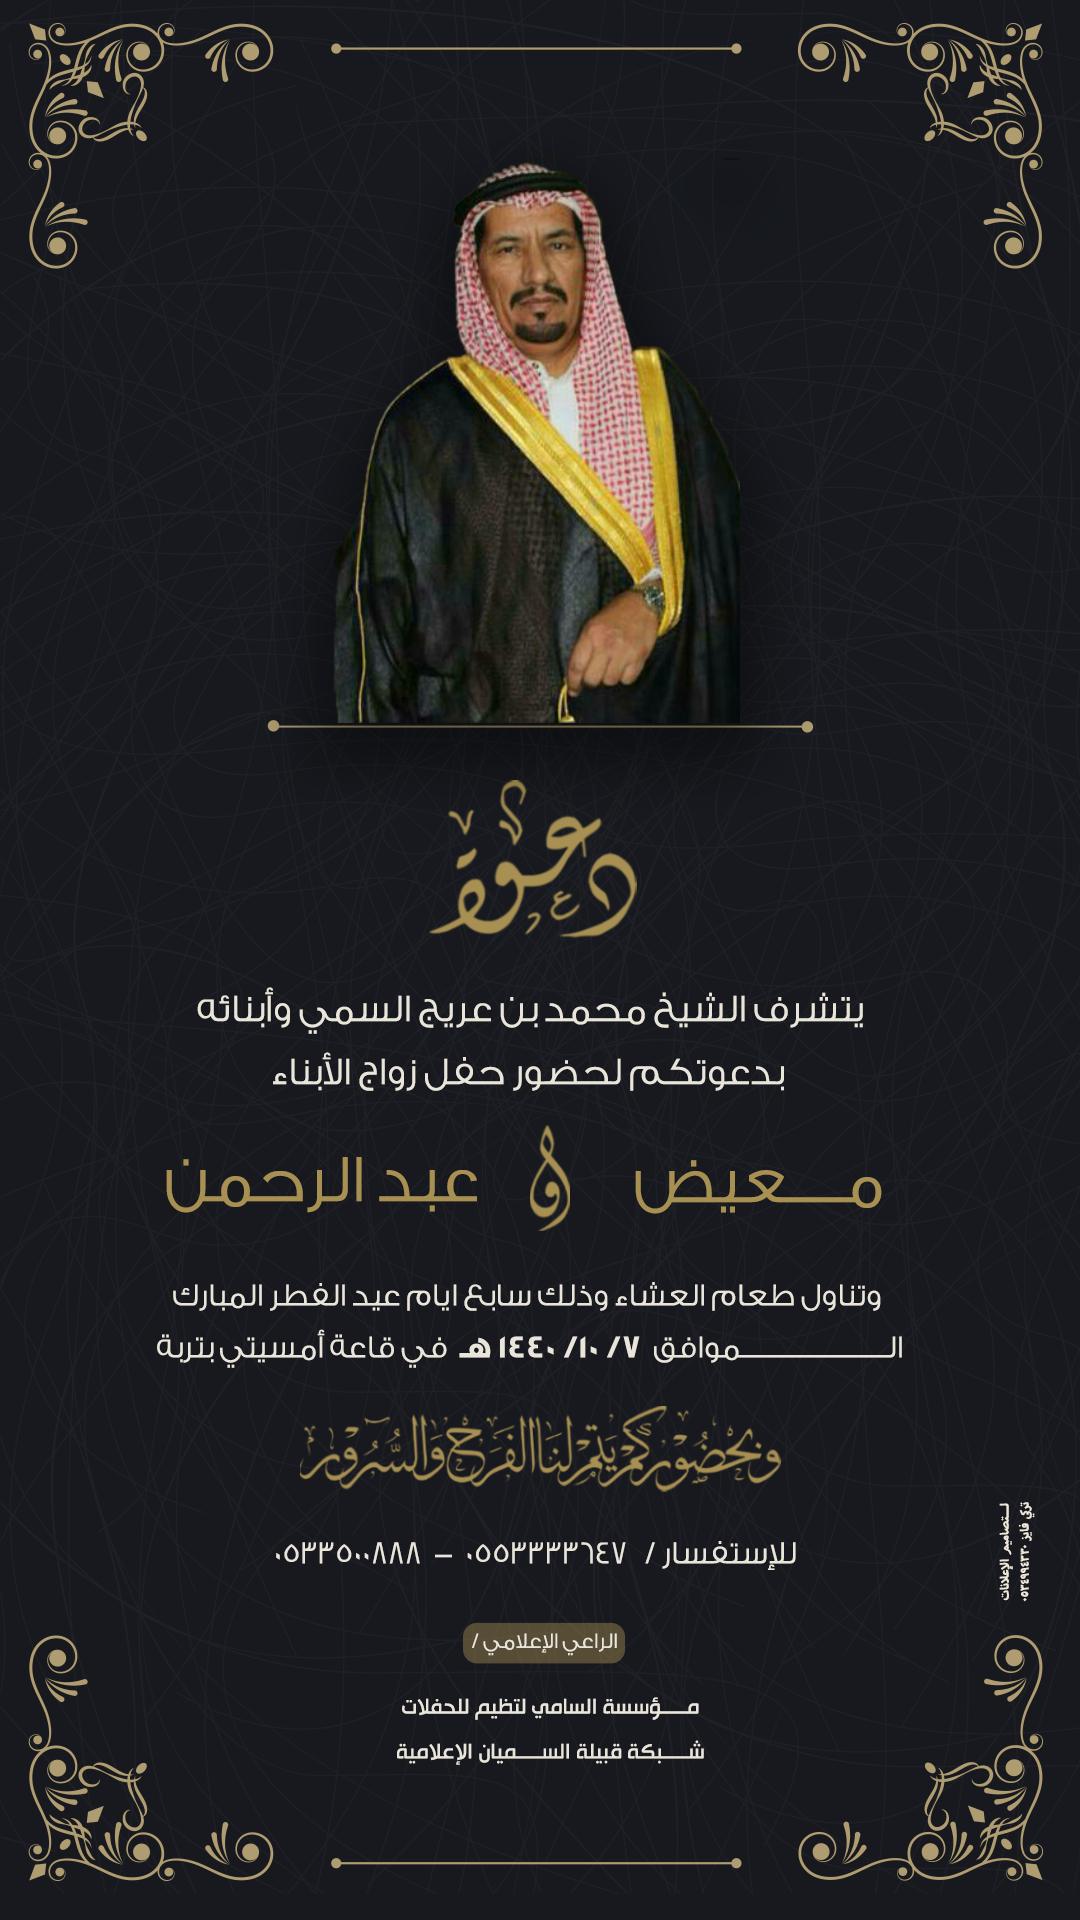 دعوة زواج Wedding Invitation Wording Text Background Arab Wedding